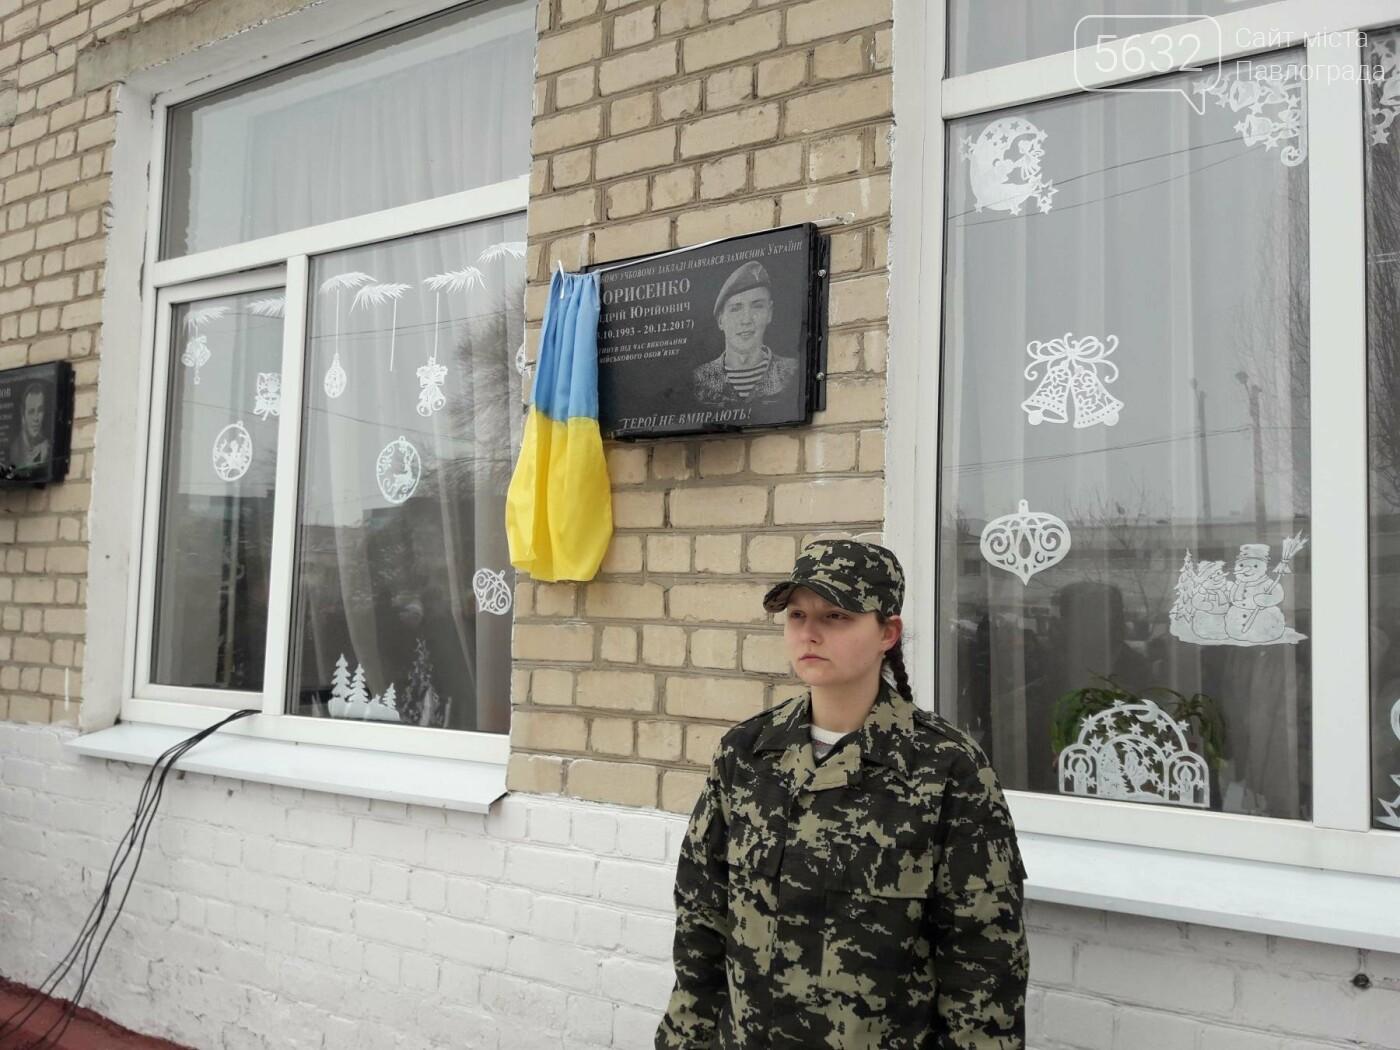 В Павлограде открыли мемориальную доску герою АТО Андрею Борисенко, фото-1